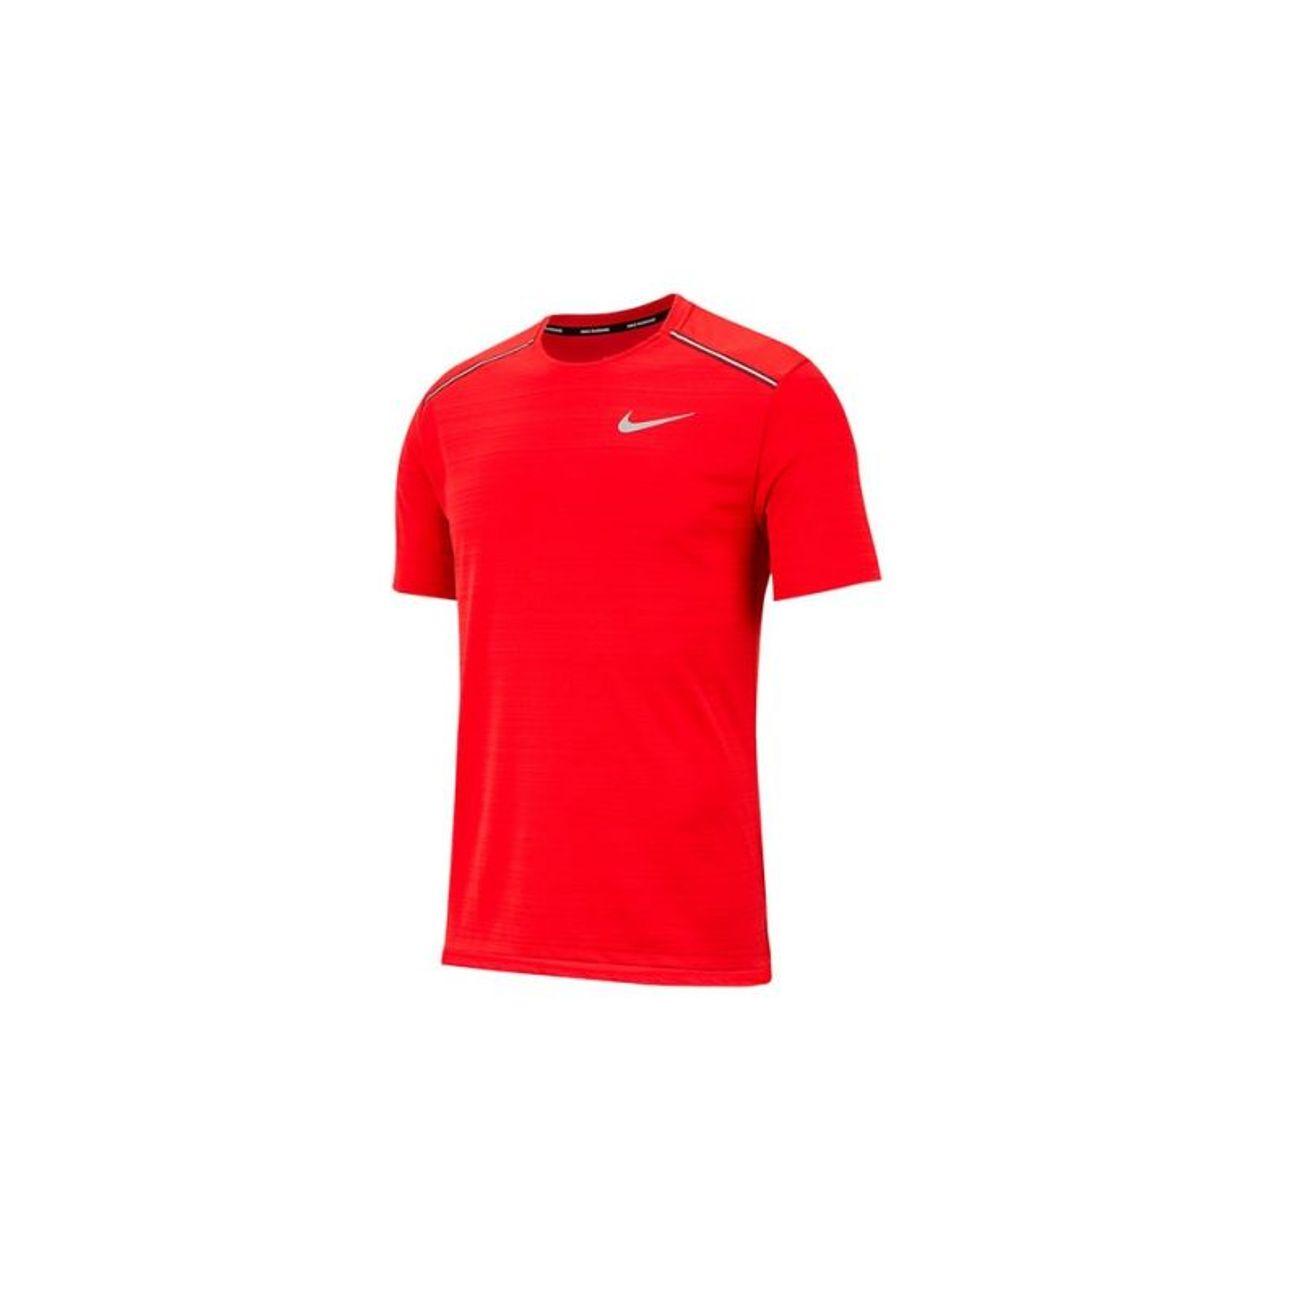 T shirt Nike Dri FIT Trail – Soldes et achat pas cher GO Sport